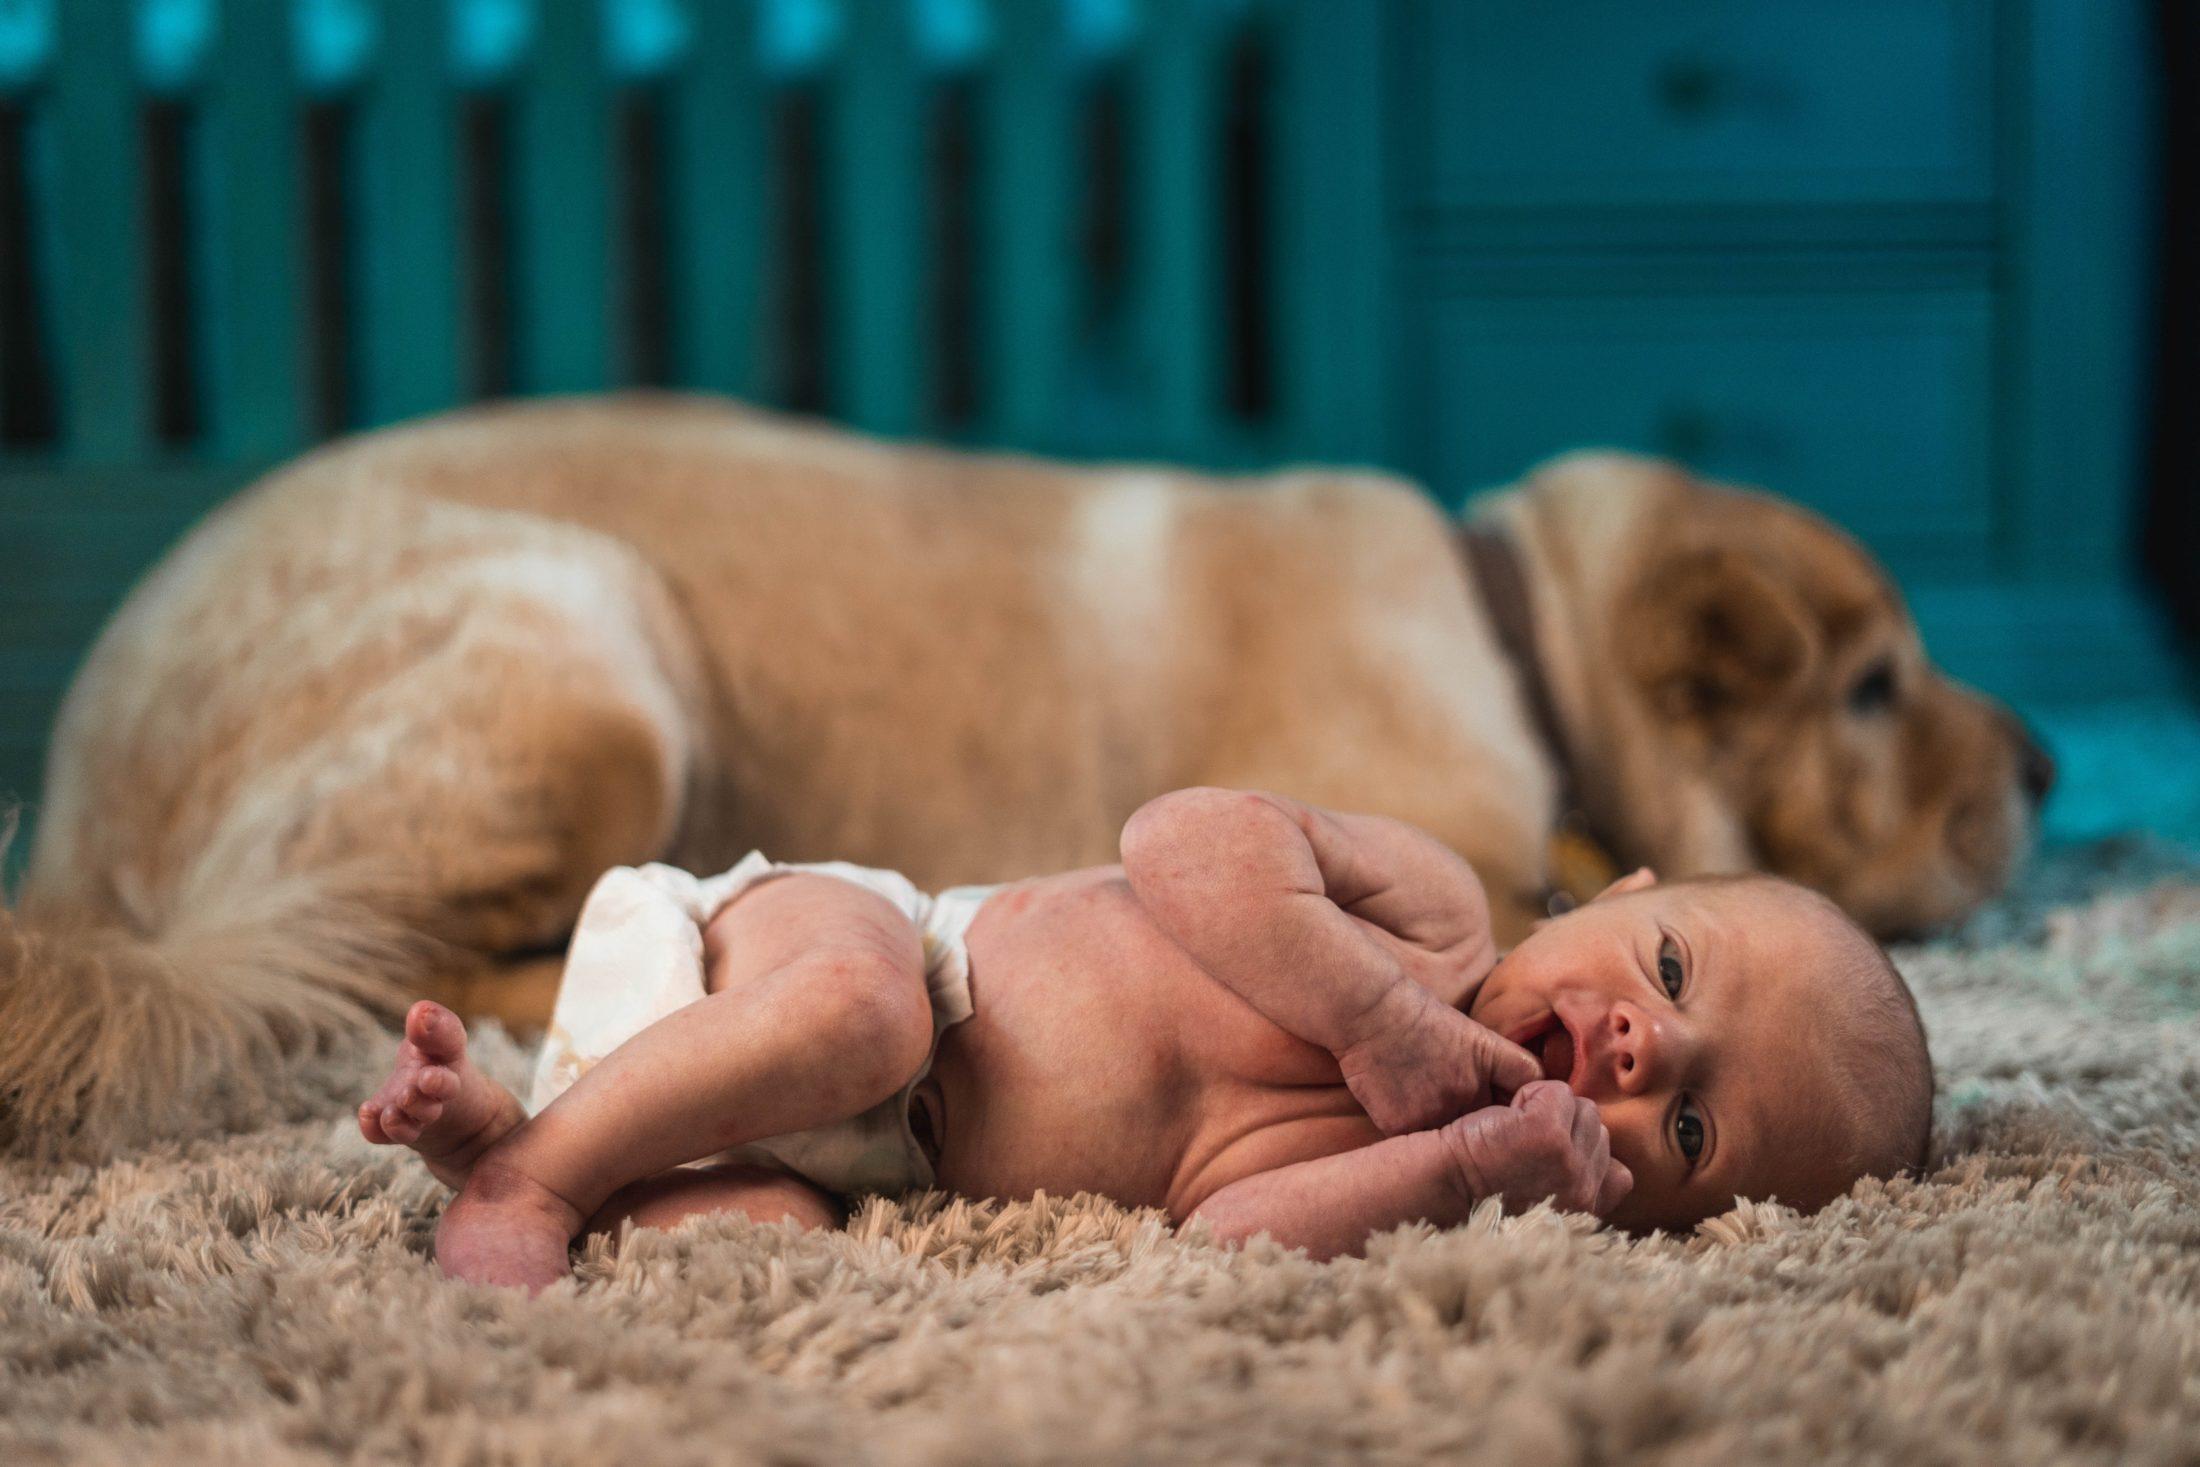 cachorro e eb6e deitados juntos no tapete